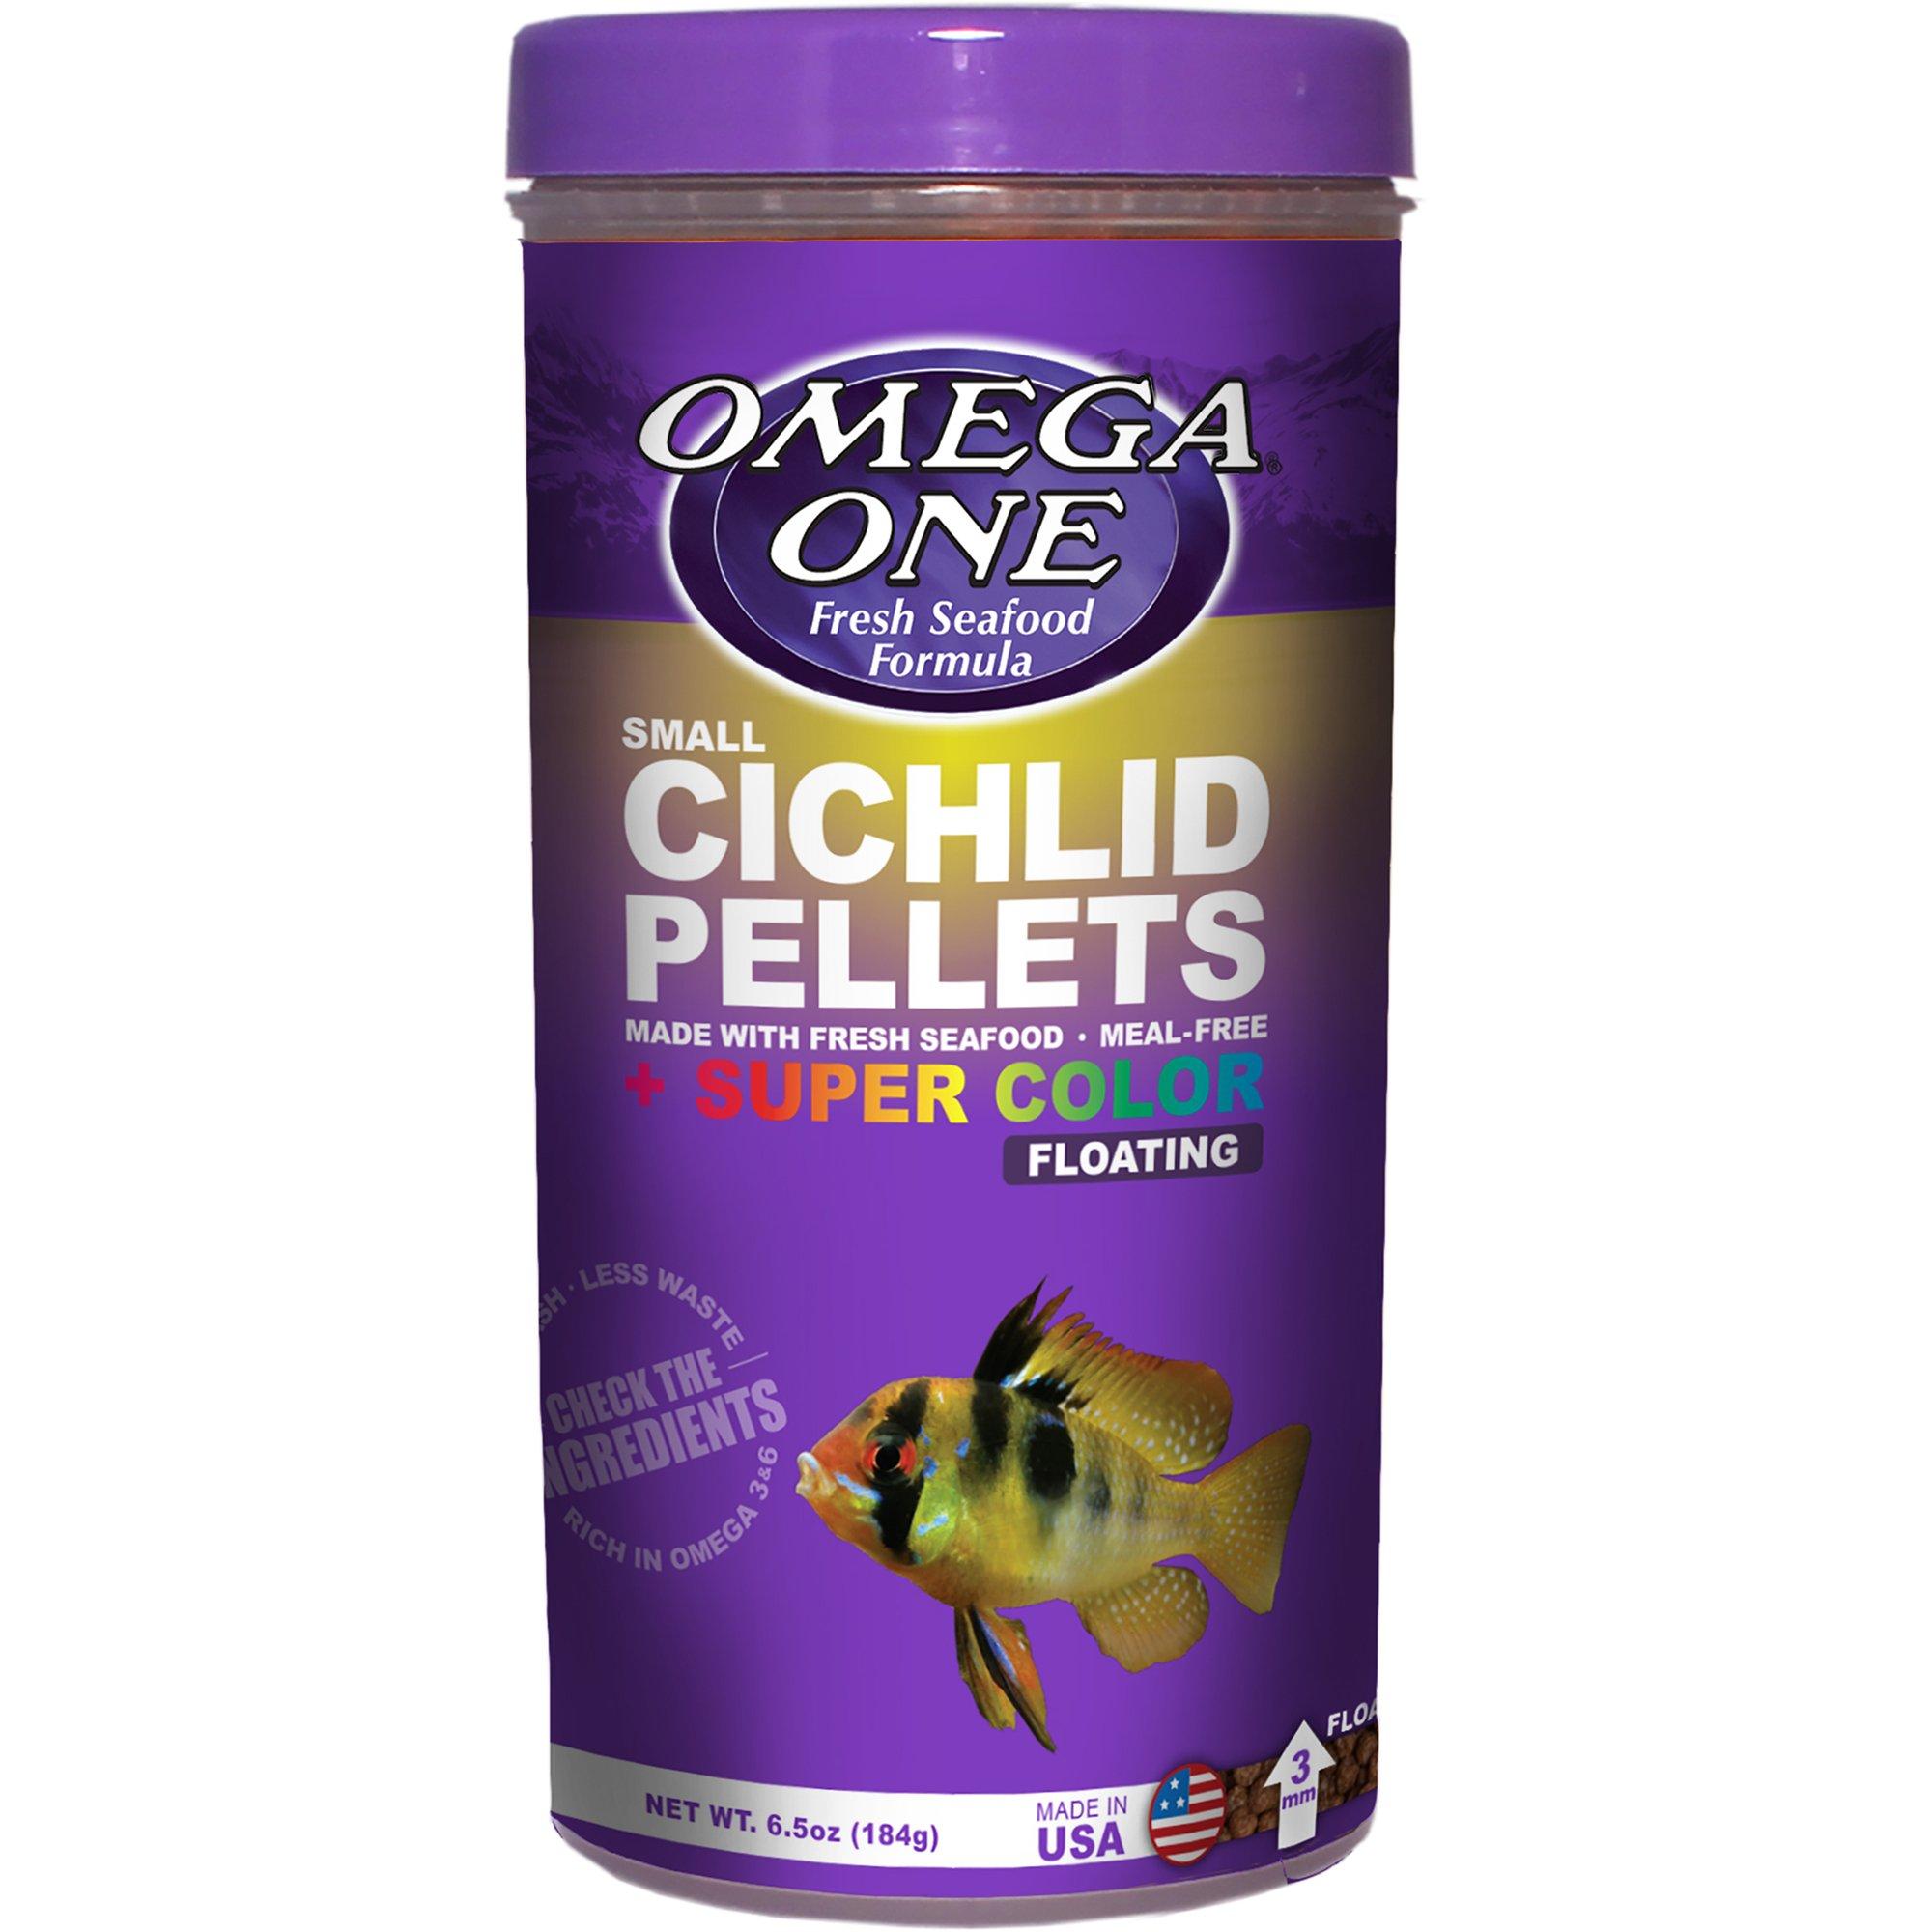 Omega One Floating Cichlid Pellets